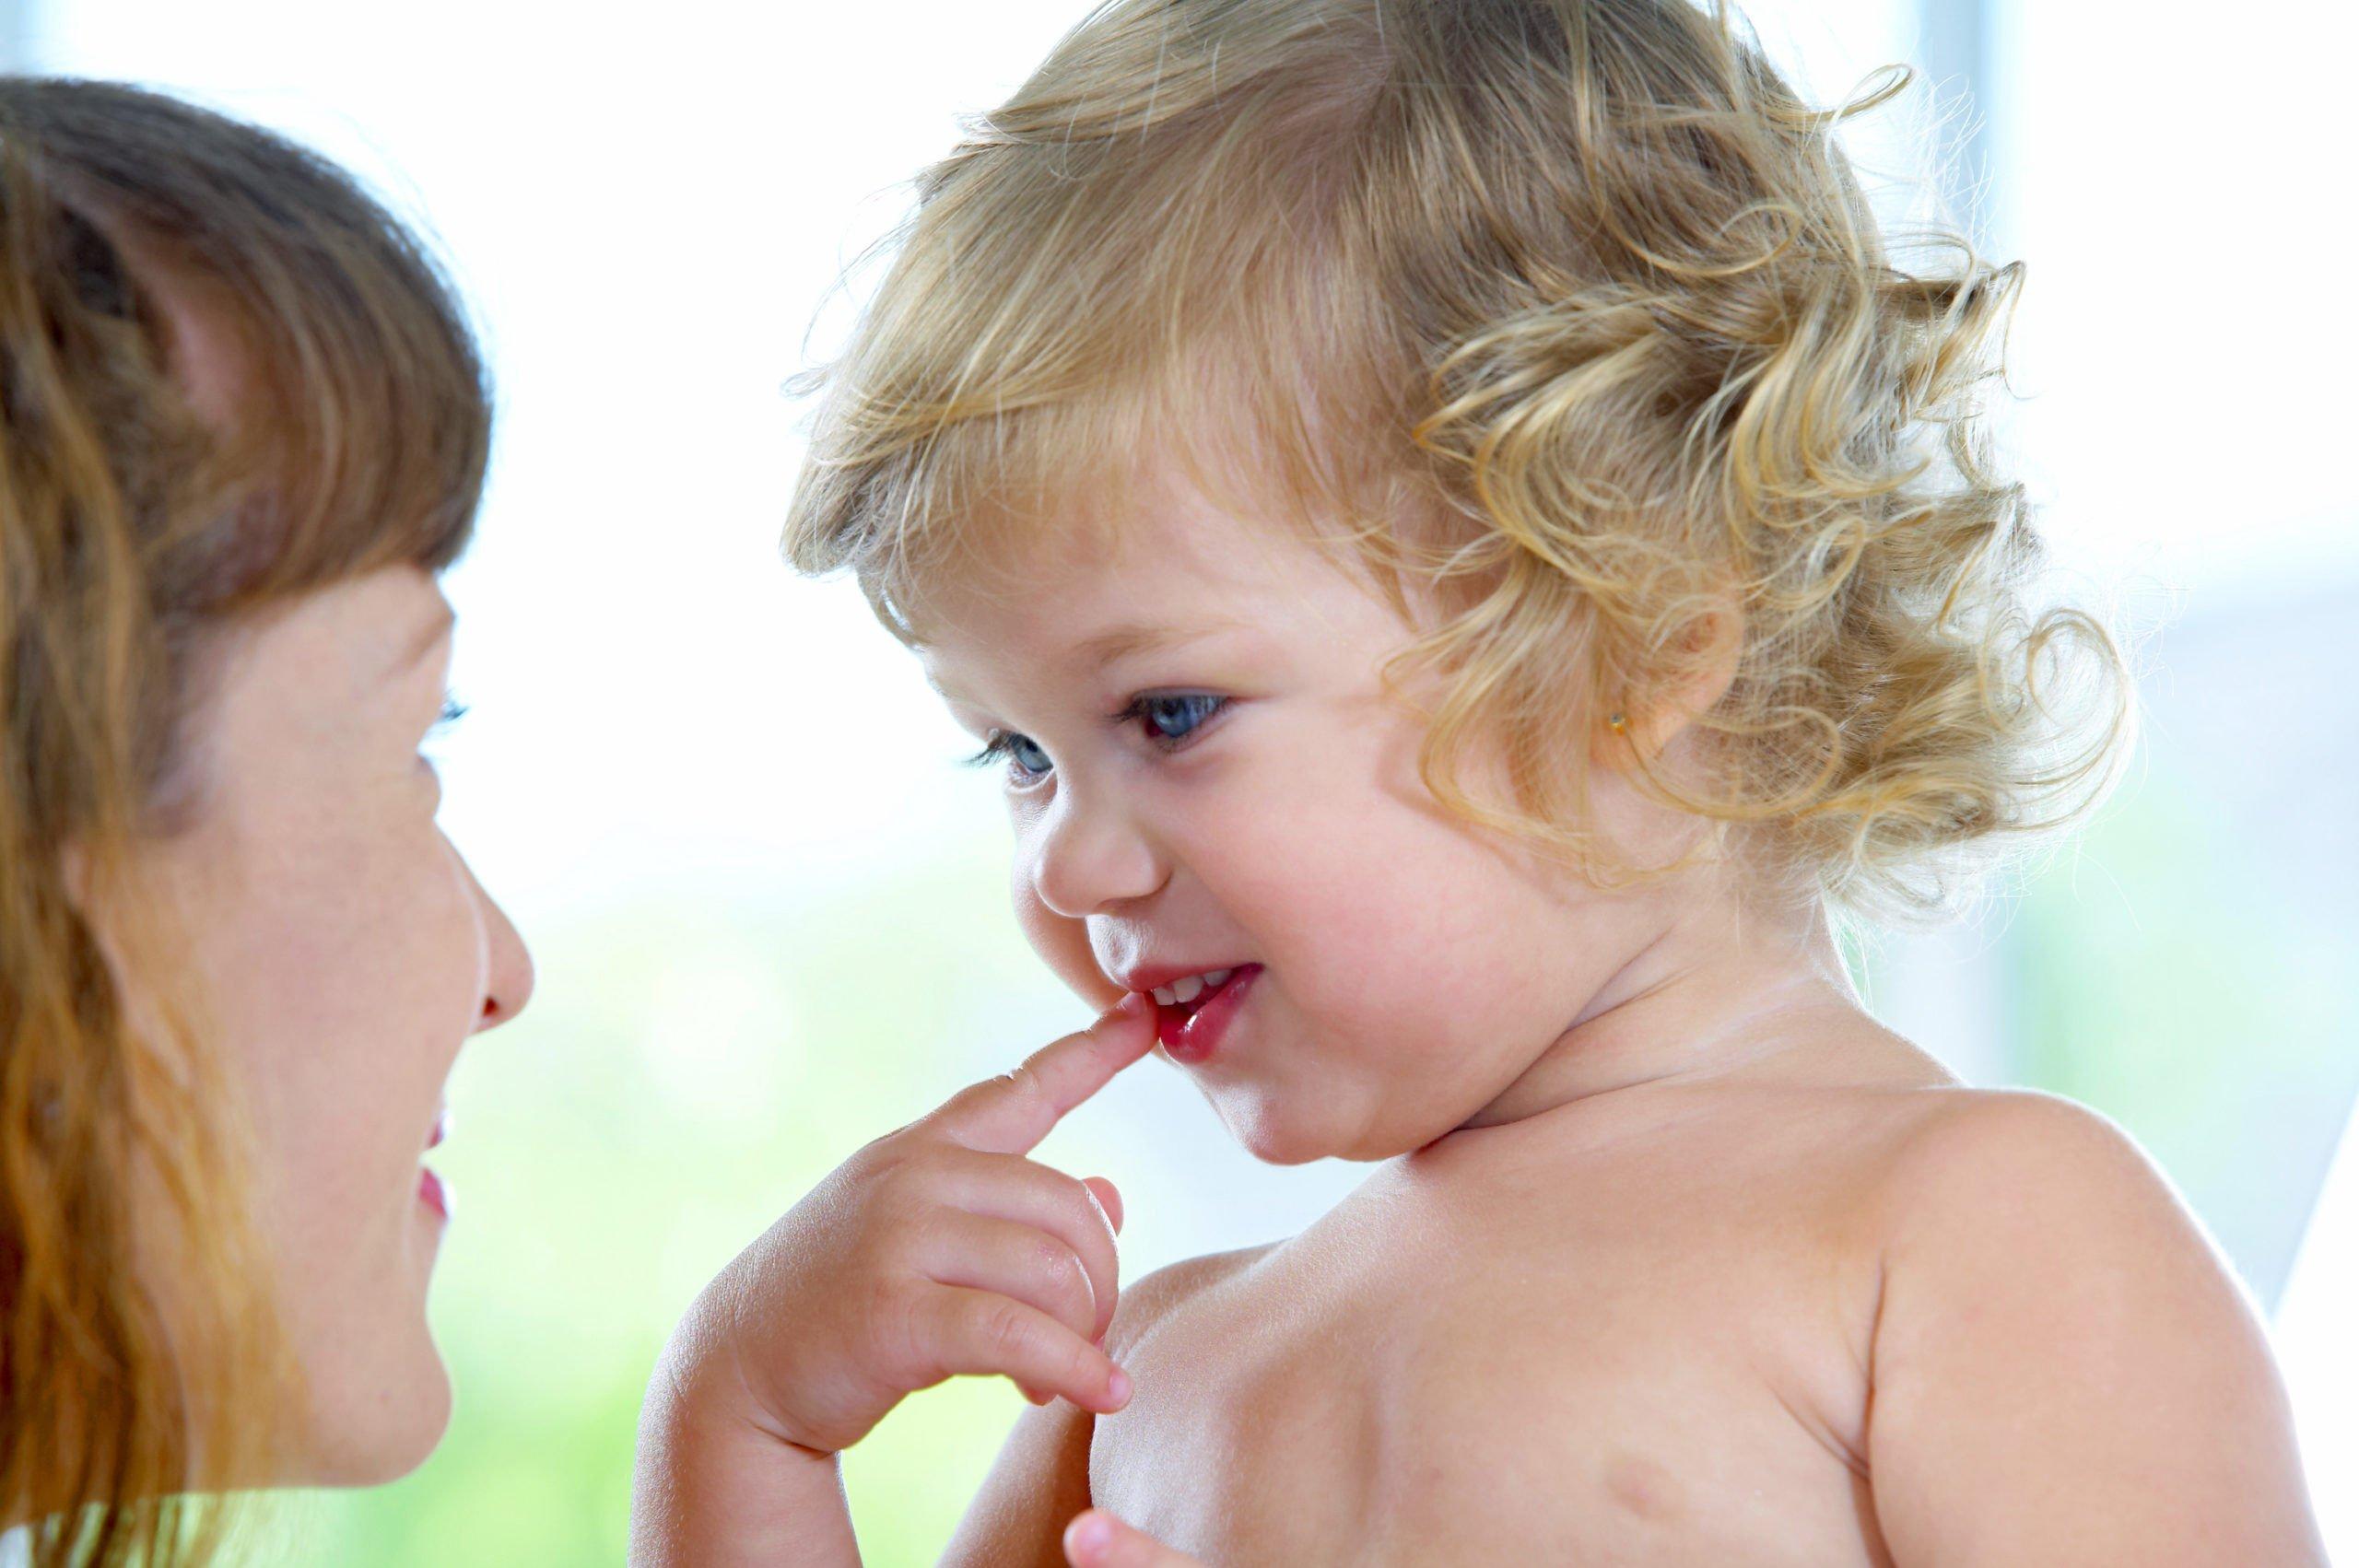 Жестикуляция у детей 1-2 лет